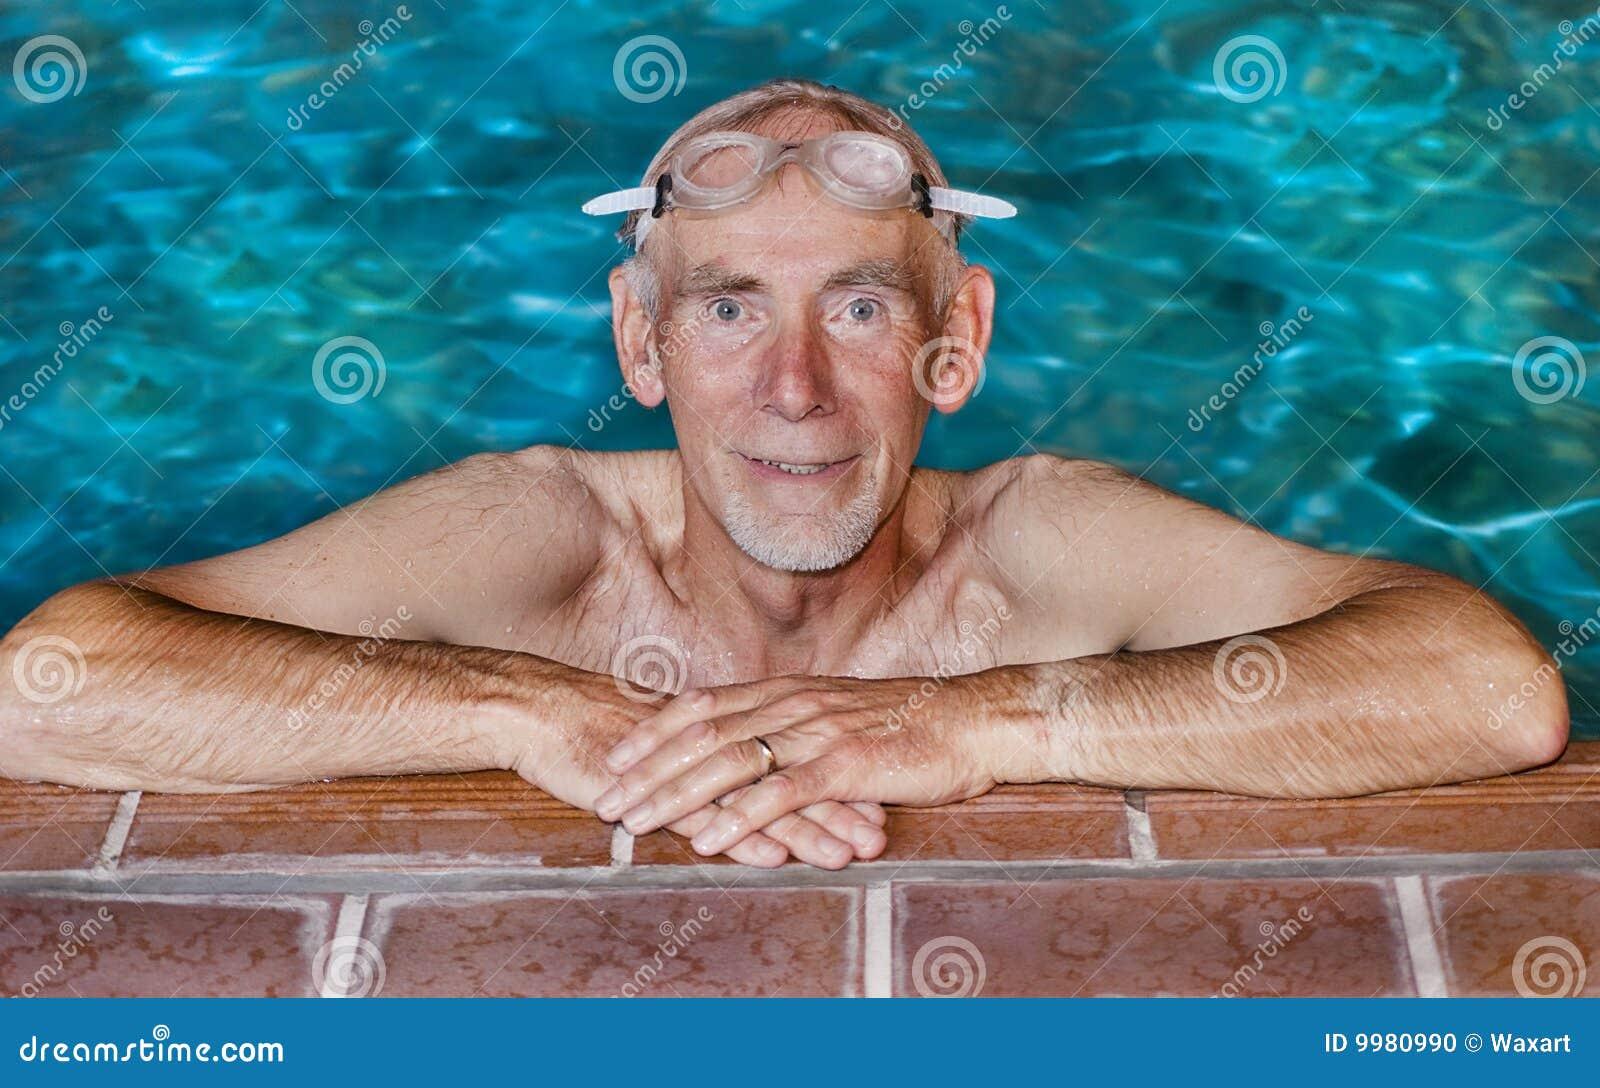 Hogere mens bij rand van zwembad